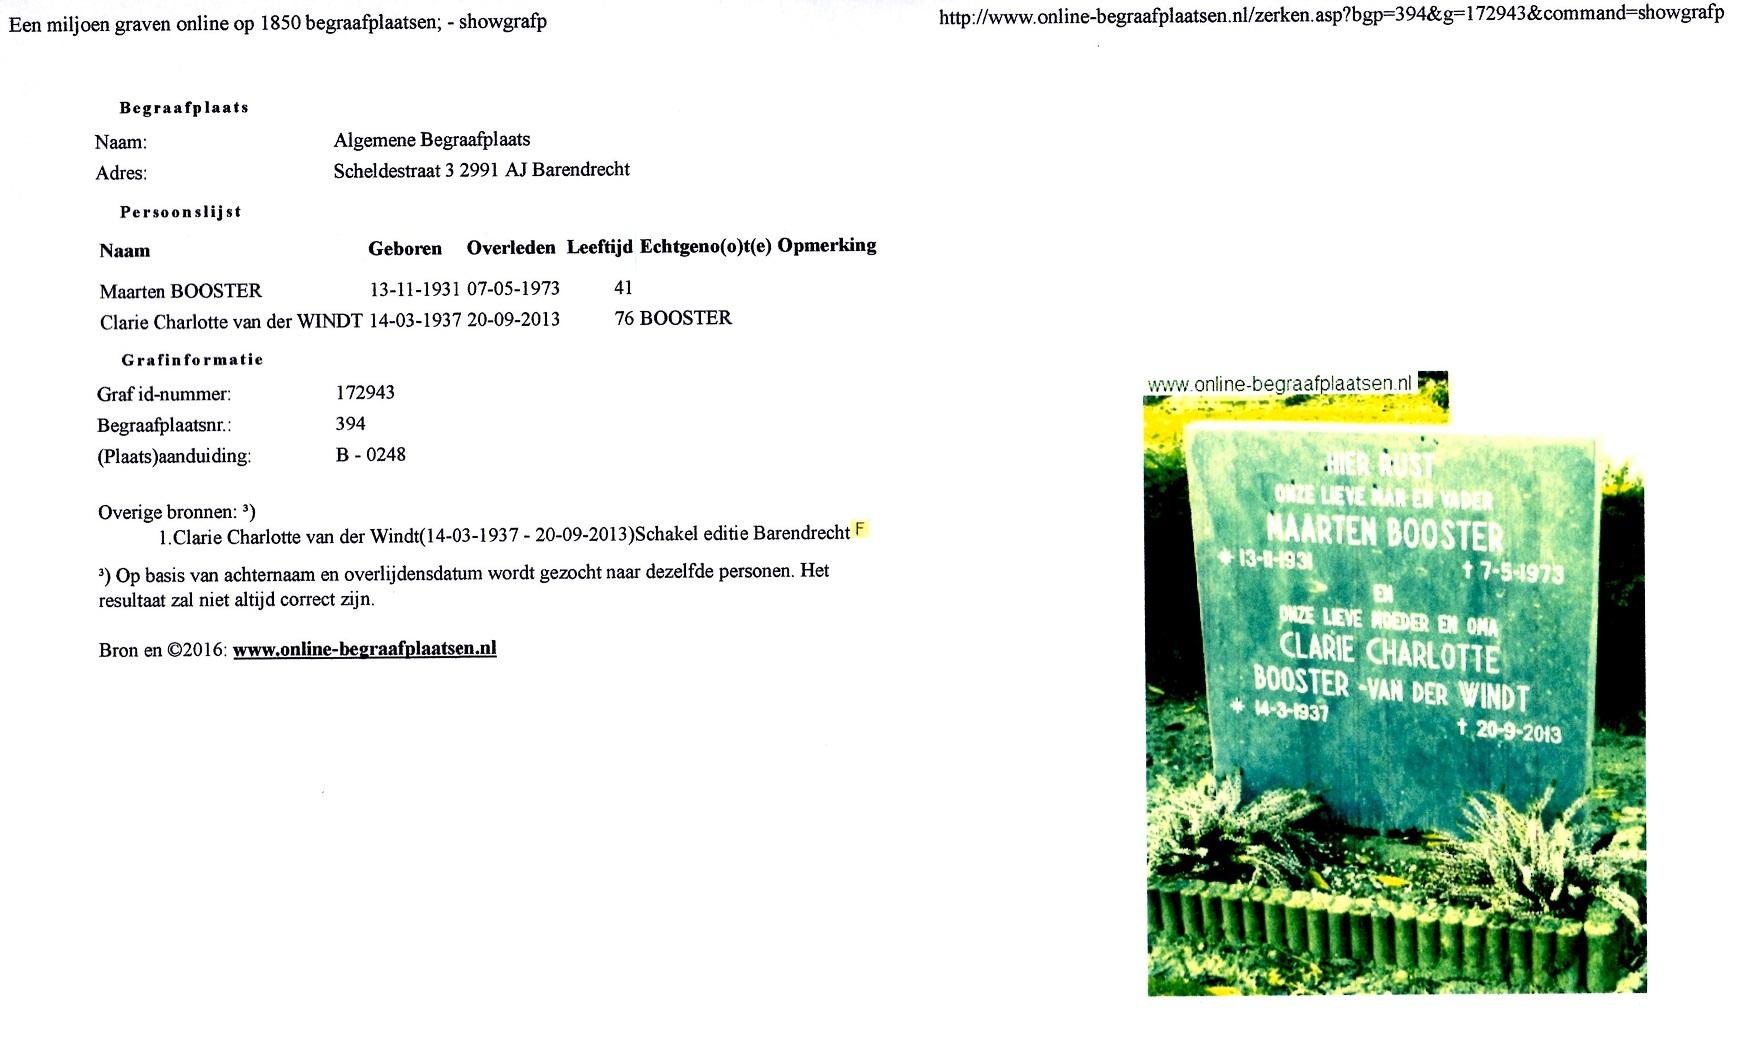 2013-09-20-algemene-begraafplaats-scheldestraat-te-barendrecht